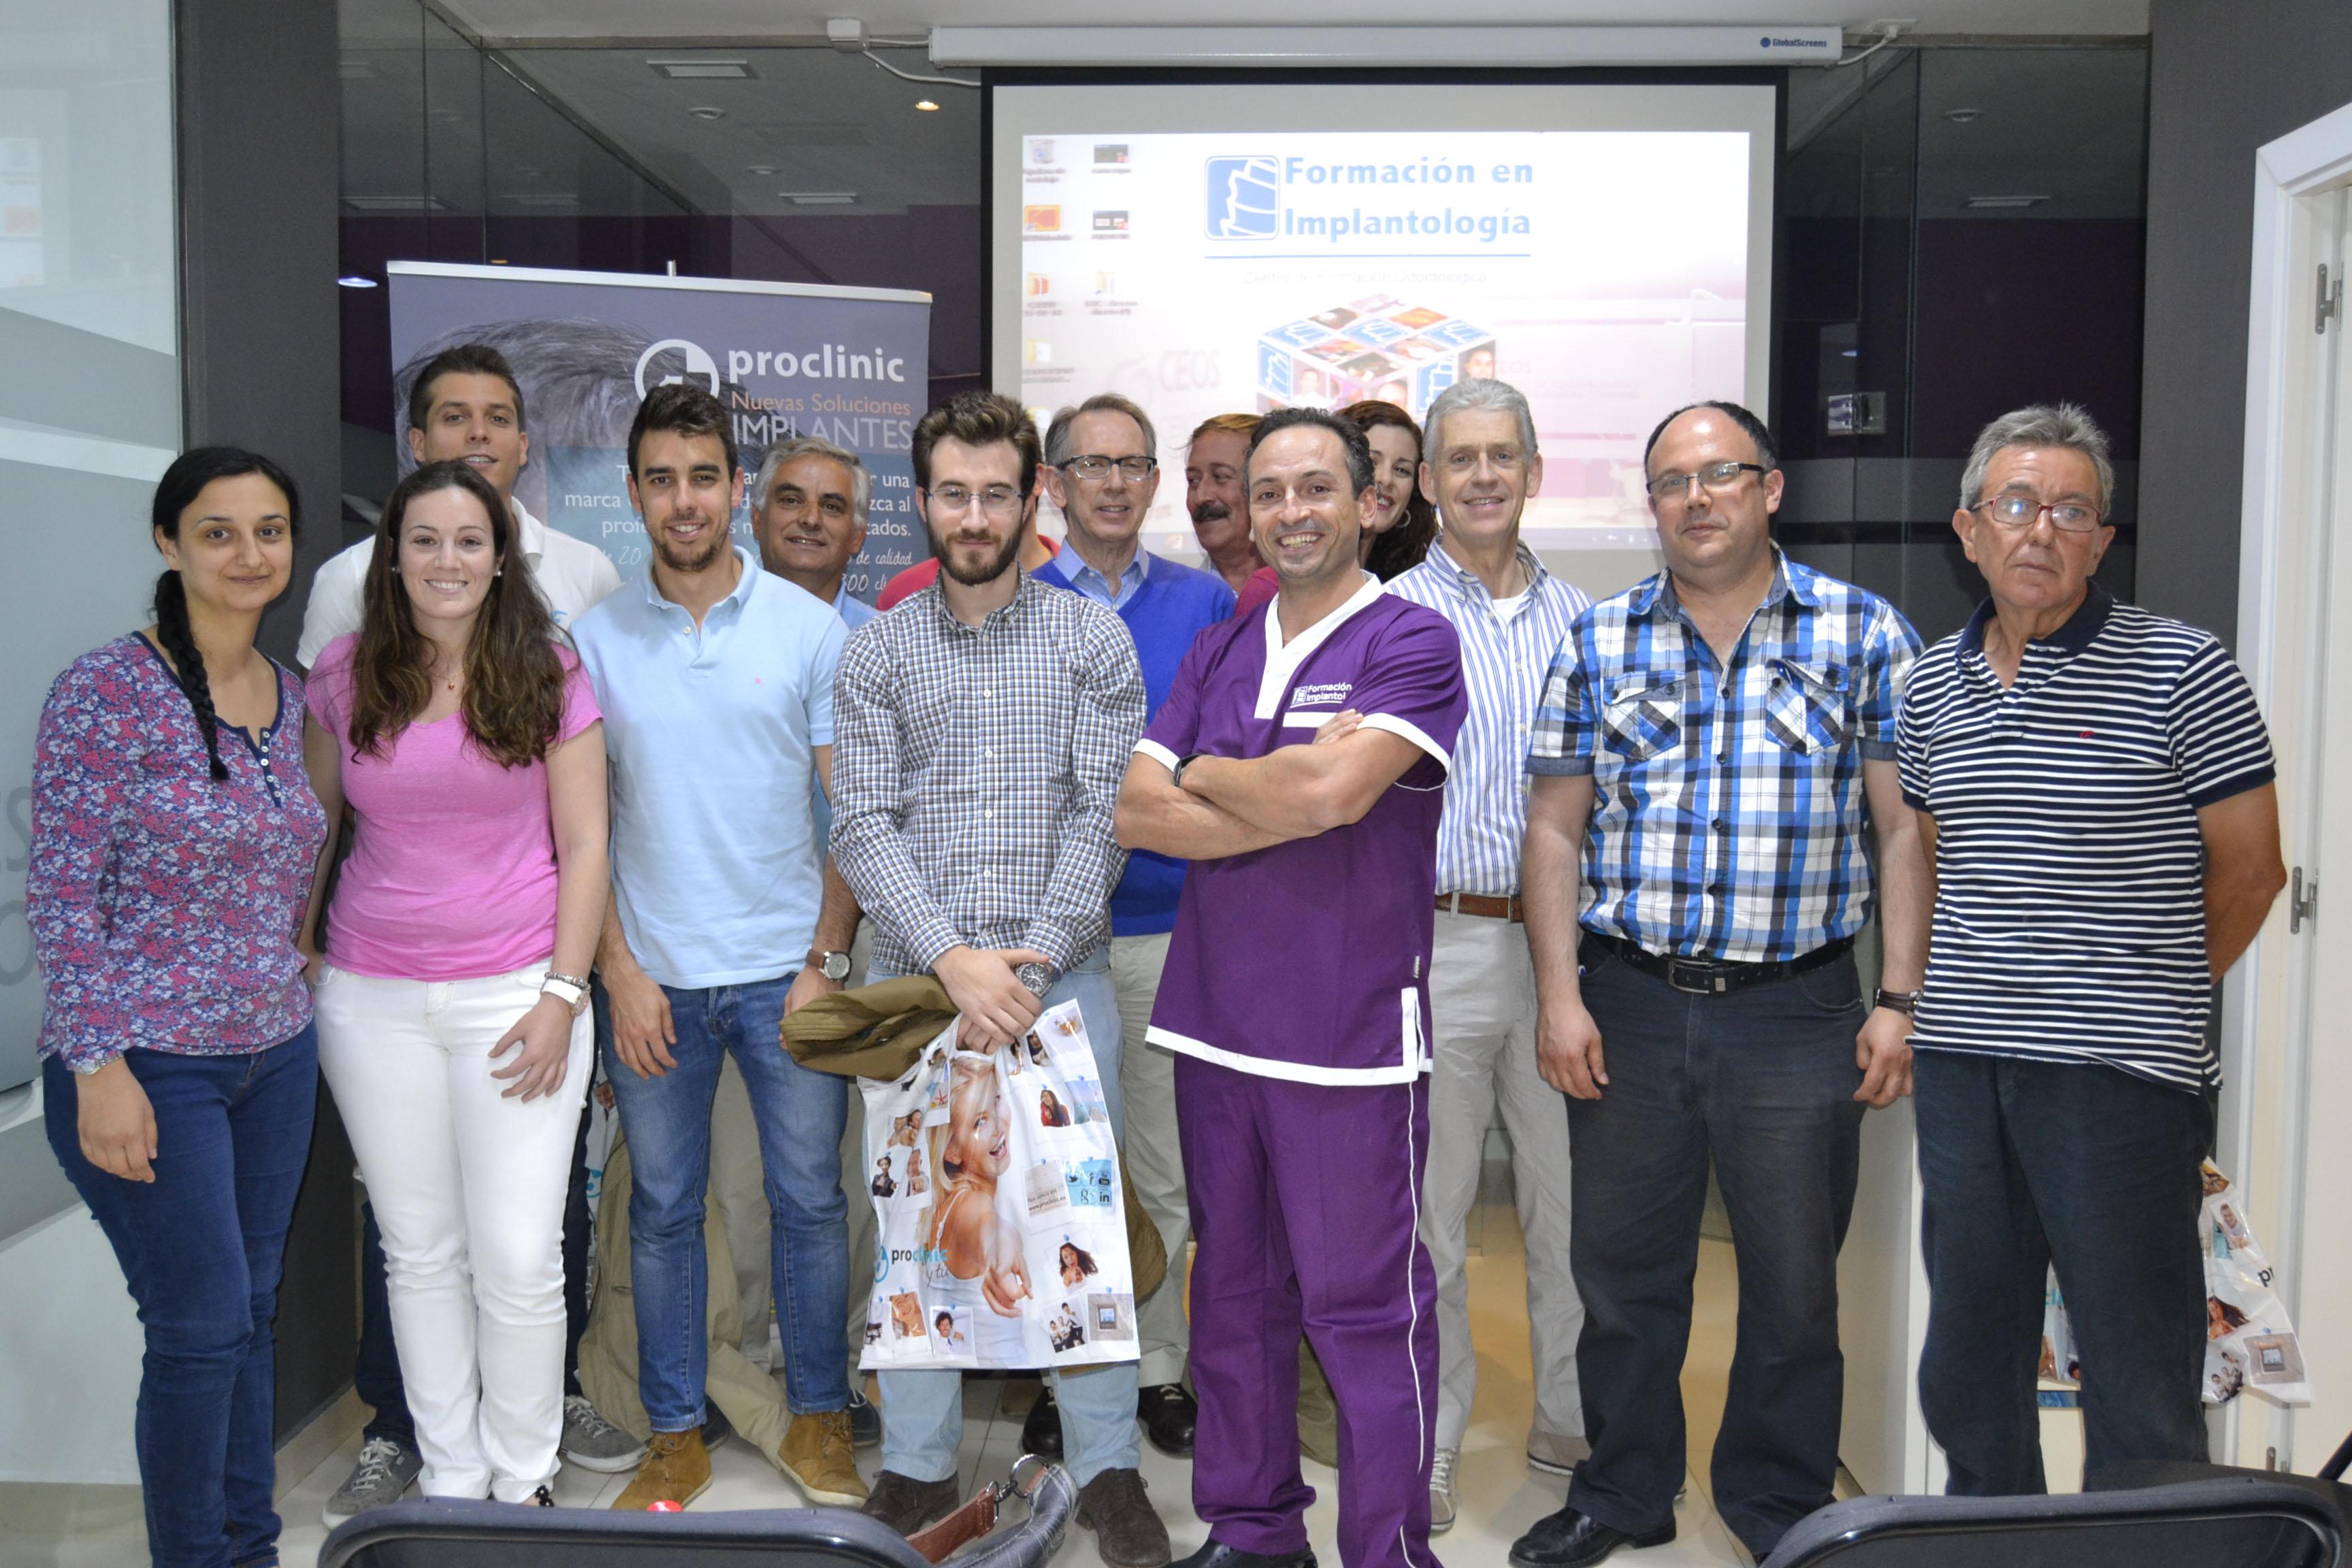 Formación en implantología Proclinic